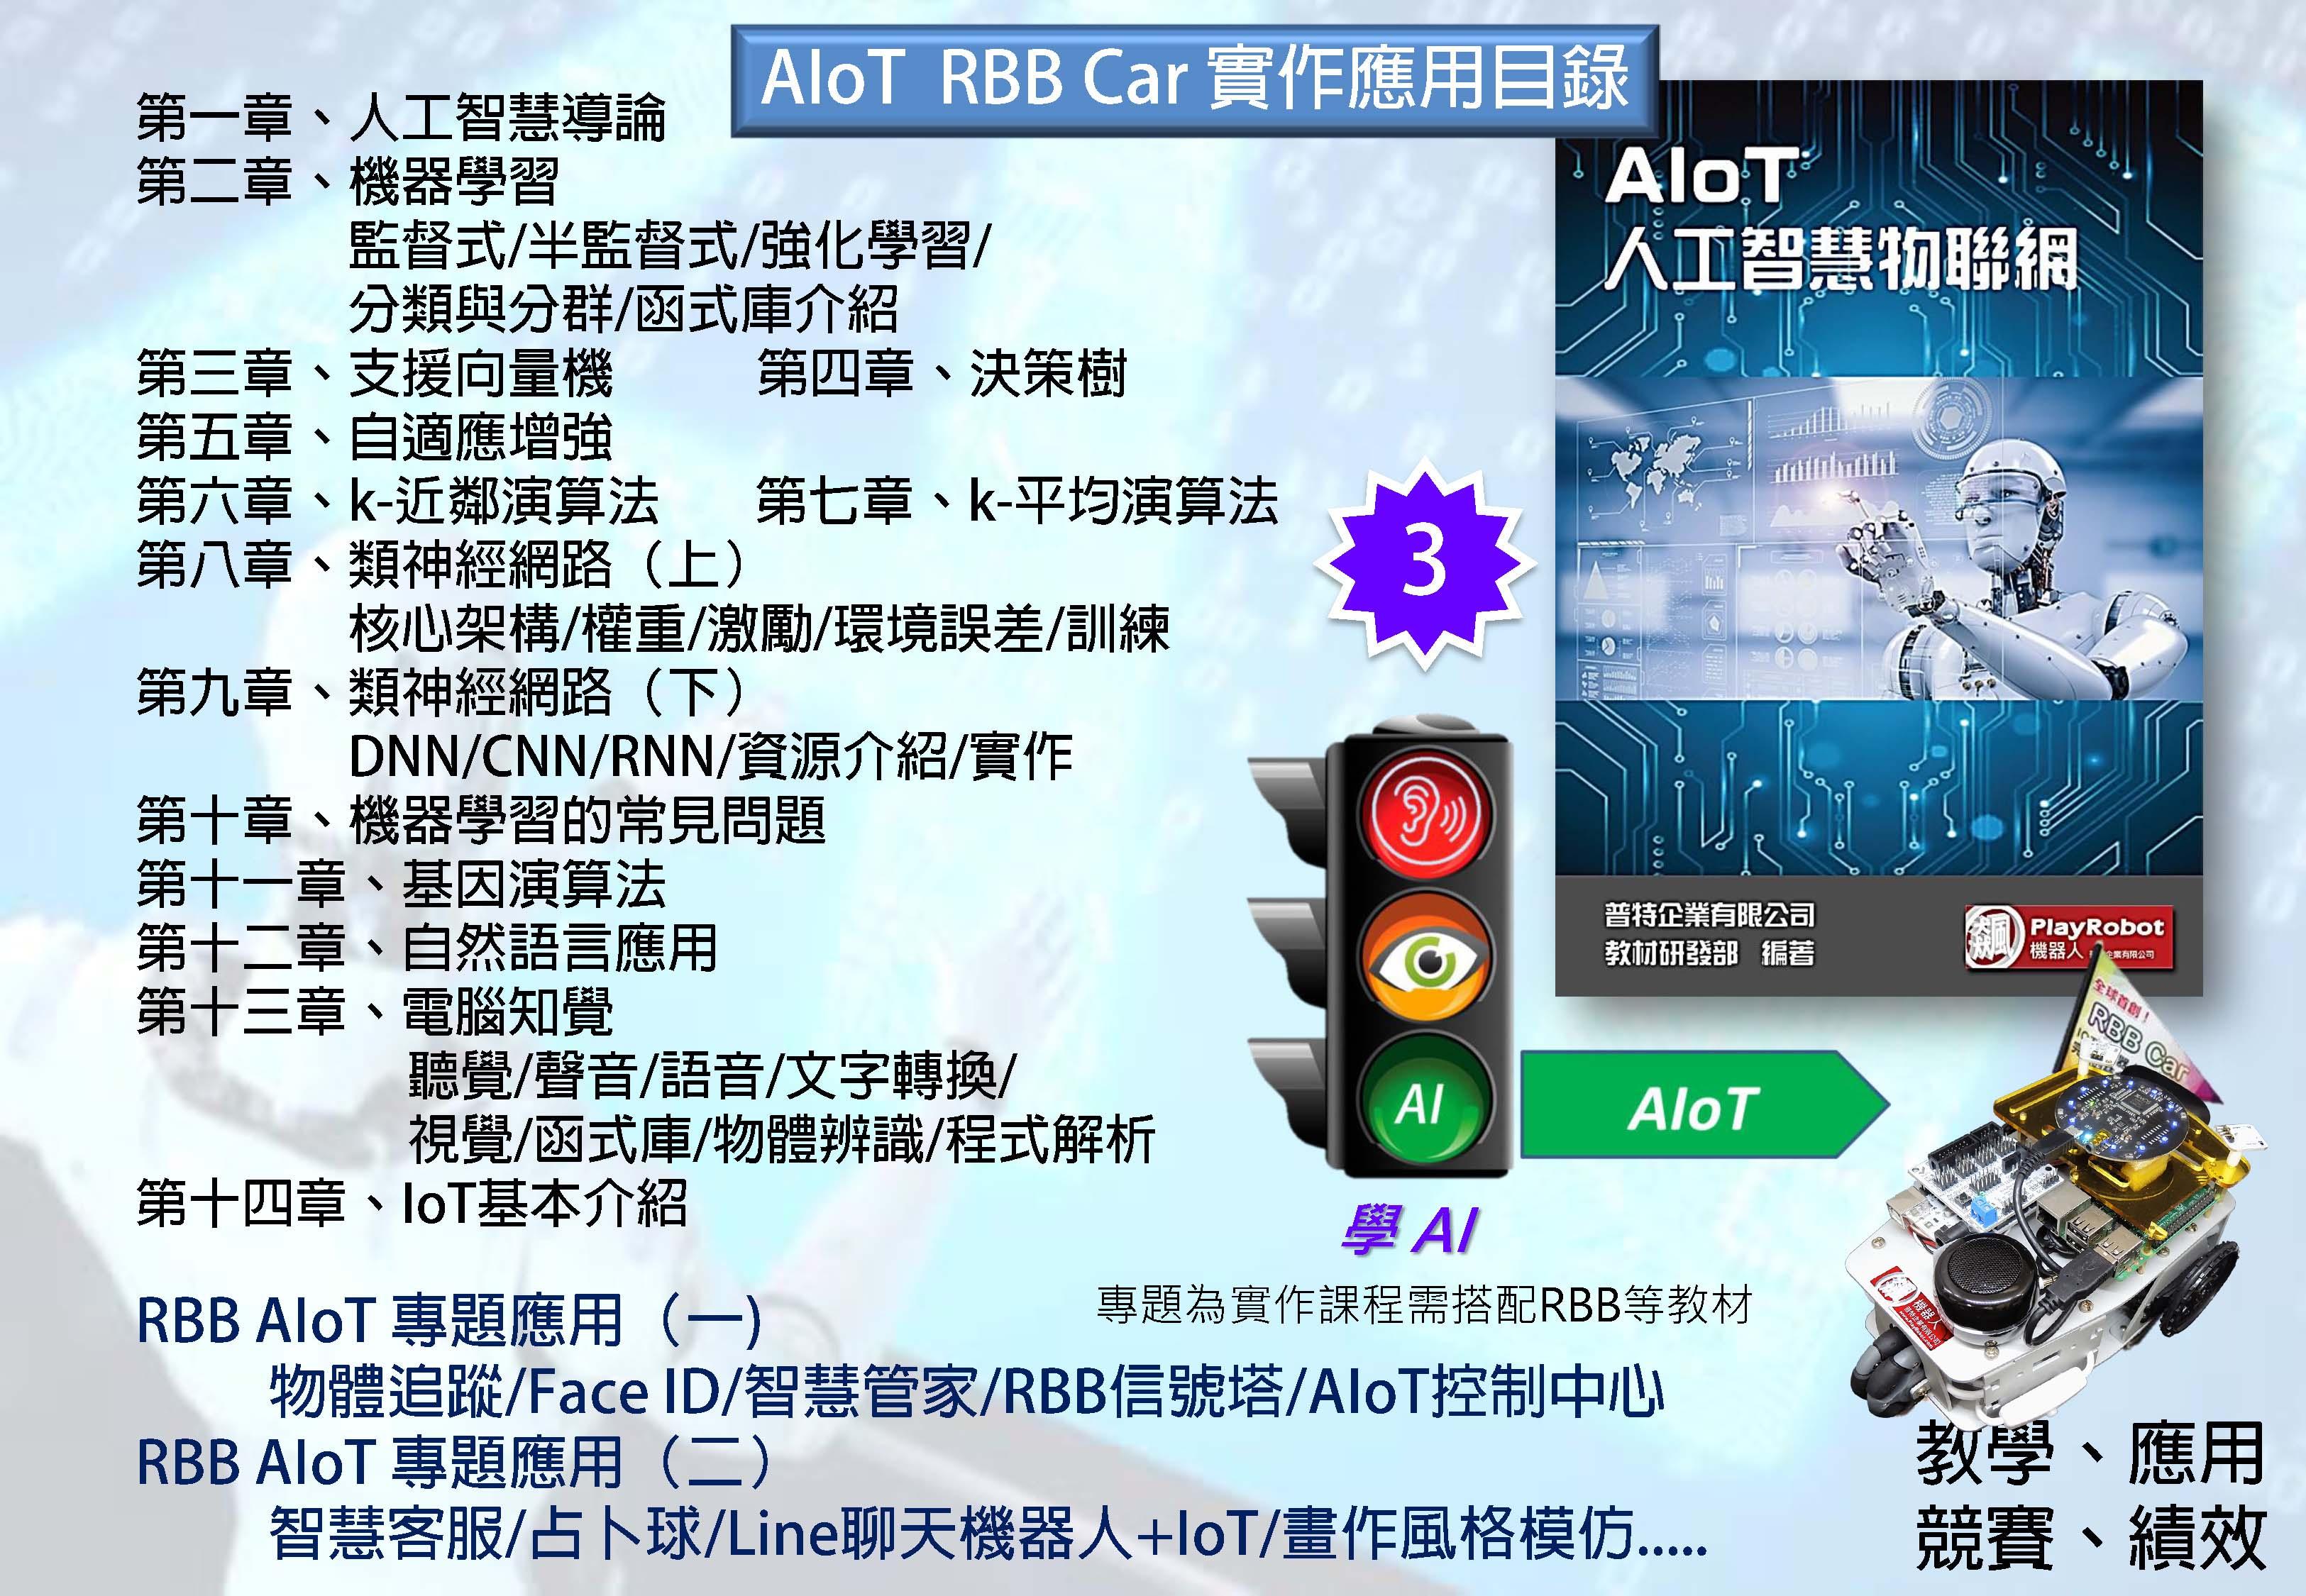 AIoT RBB_3.jpg